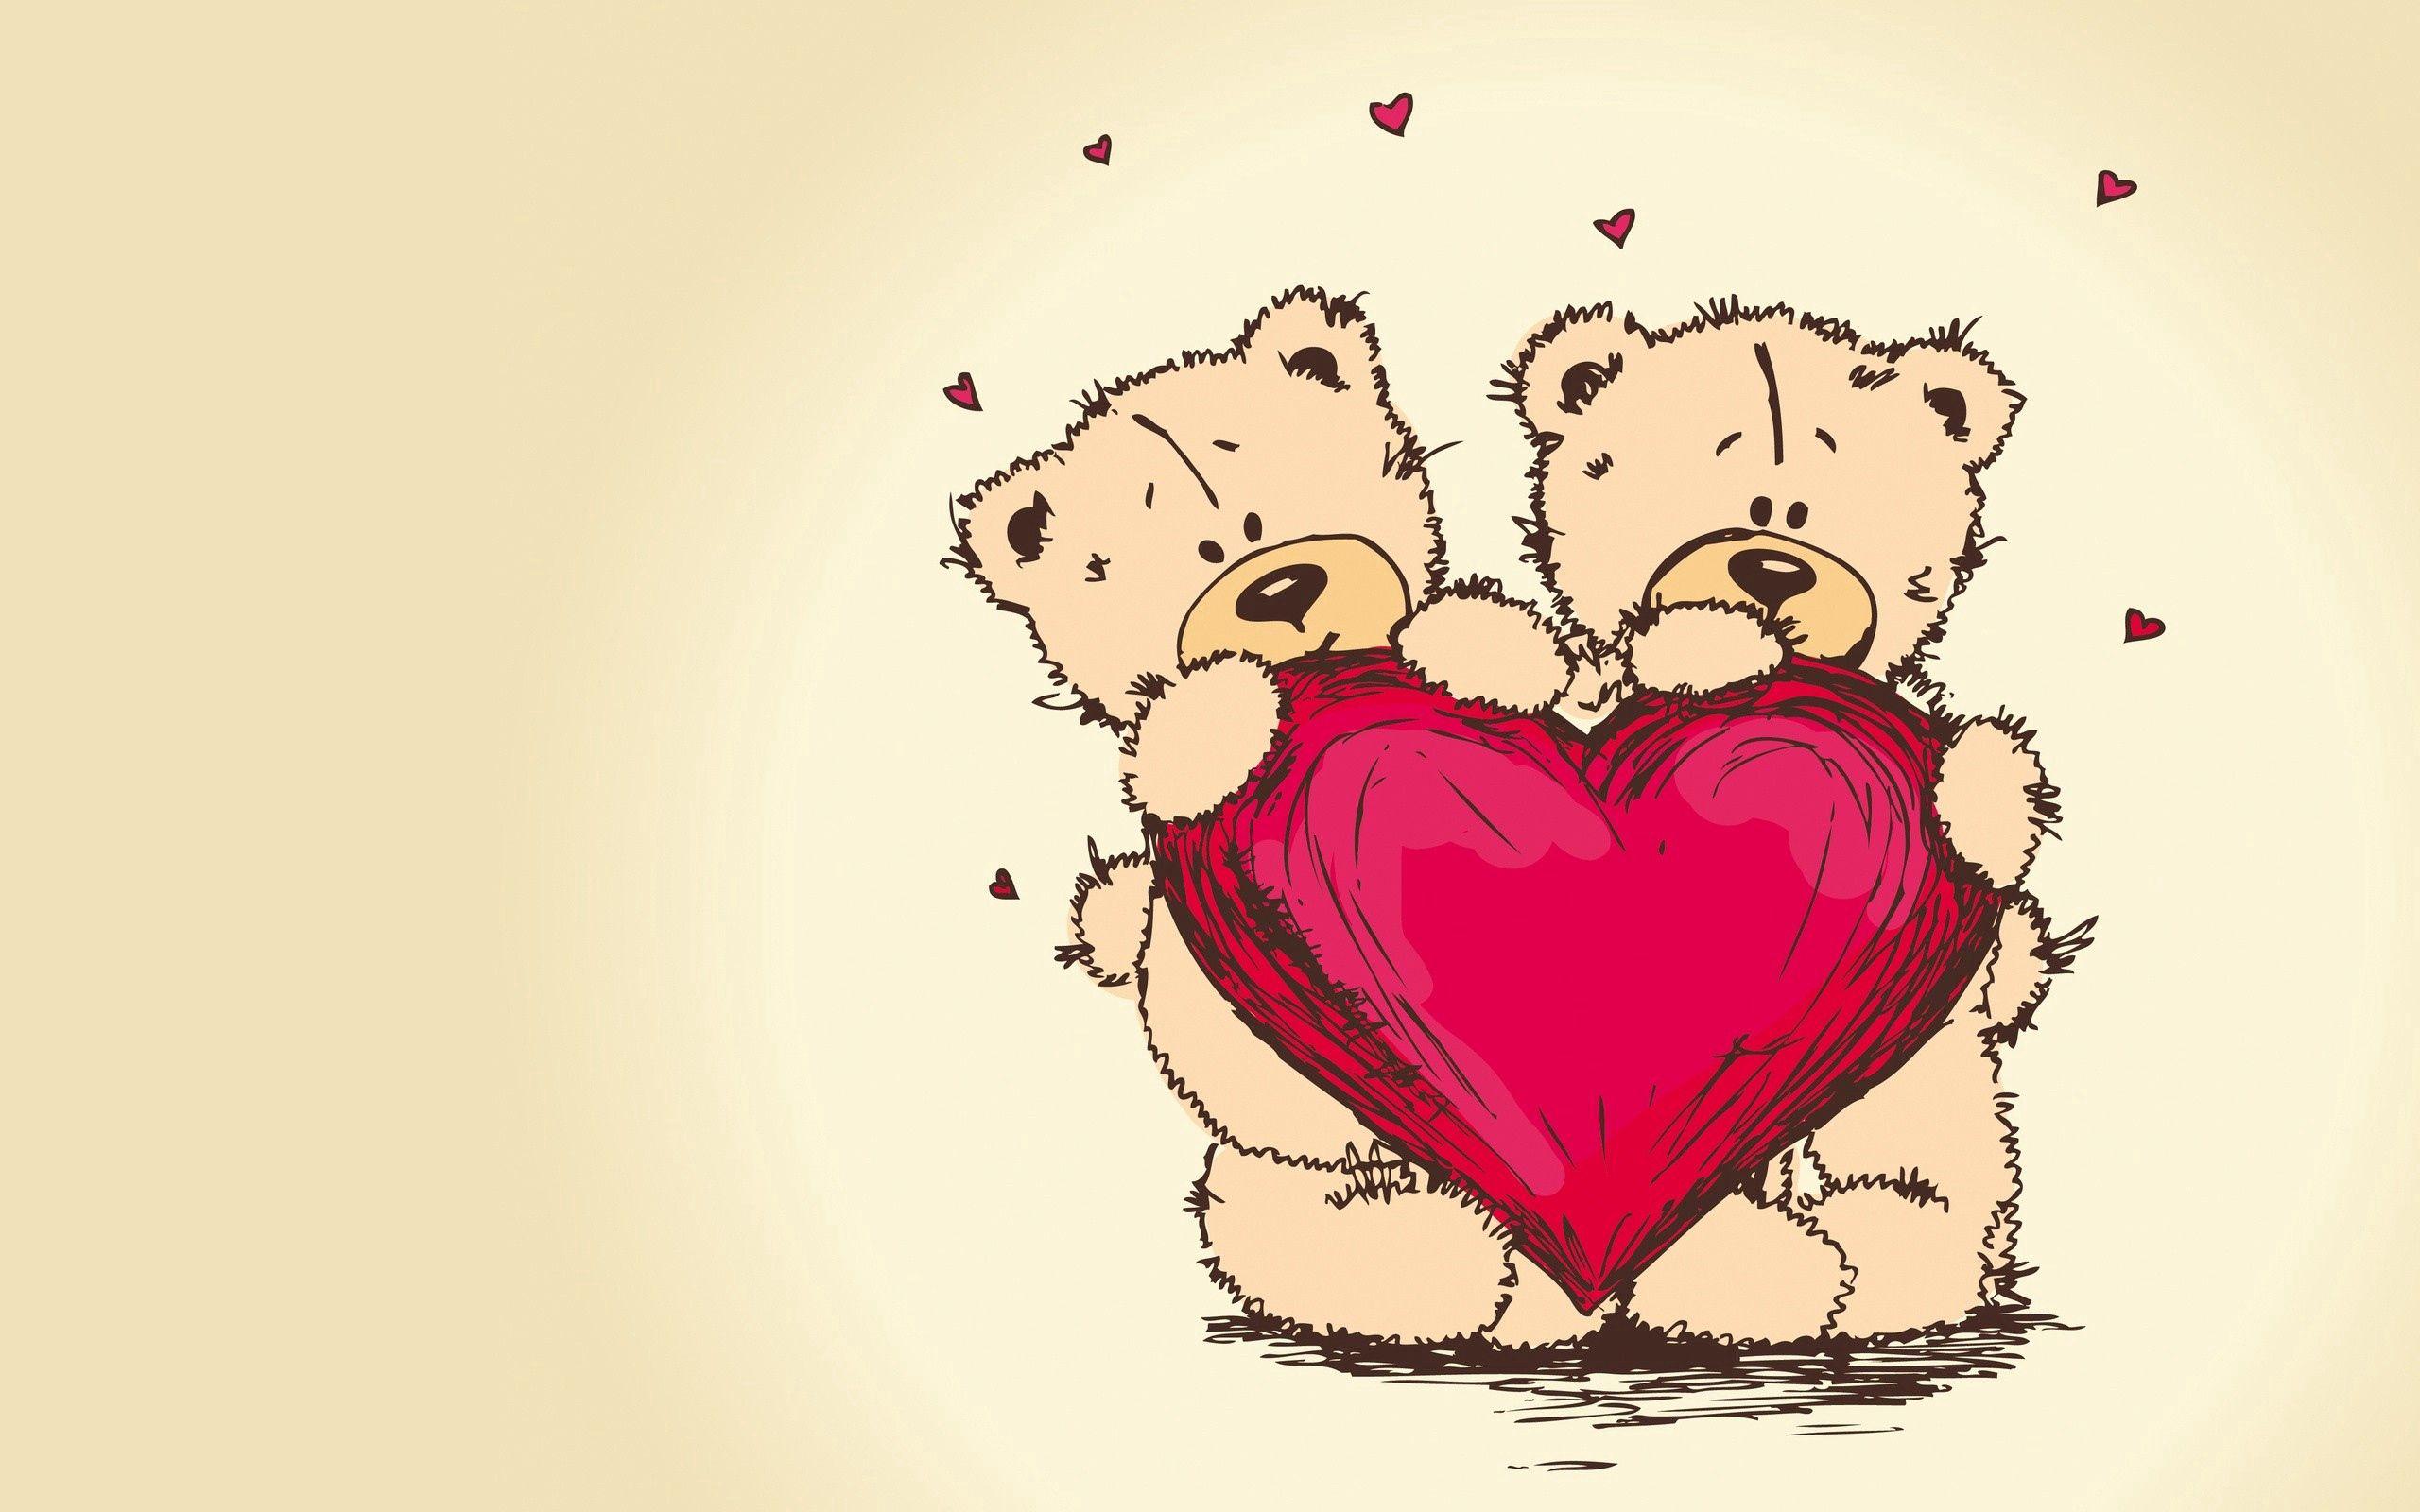 146248 Hintergrundbild herunterladen Herzen, Liebe, Paar, Bild, Zeichnung, Romantik, Ein Herz, Teddybären - Bildschirmschoner und Bilder kostenlos